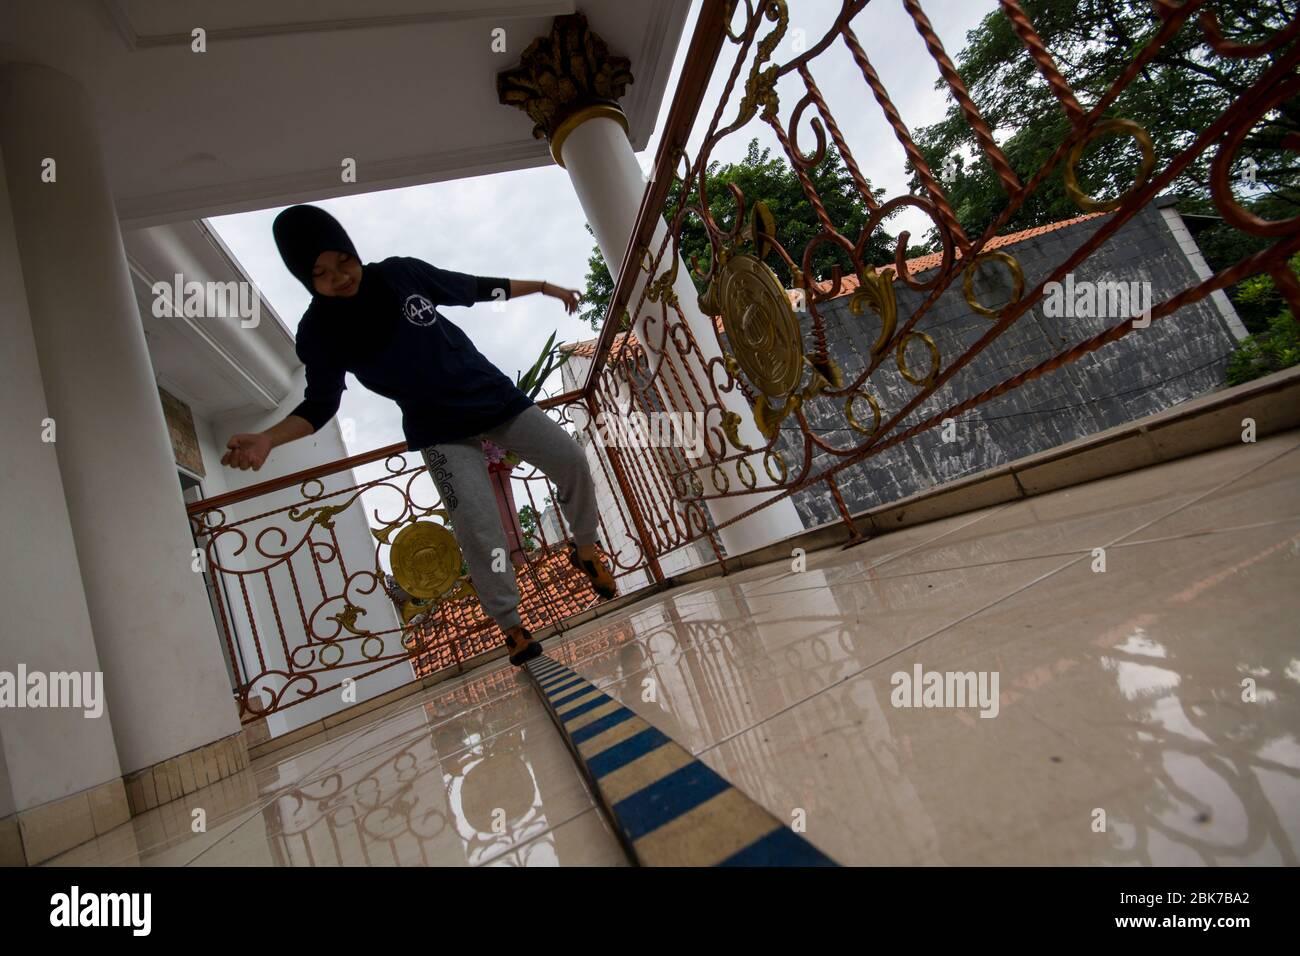 Jakarta, DKI Jakarta, Indonésie. 2 mai 2020. ALIKA KAHNZA l'athlète junior de l'escalade indonésienne faisait des exercices physiques dans sa cour. Les urgences de Covid-19 ont forcé les athlètes à maintenir la performance dans leur propre maison. Crédit: Muhammad Zaenuddin/ZUMA Wire/Alay Live News Banque D'Images